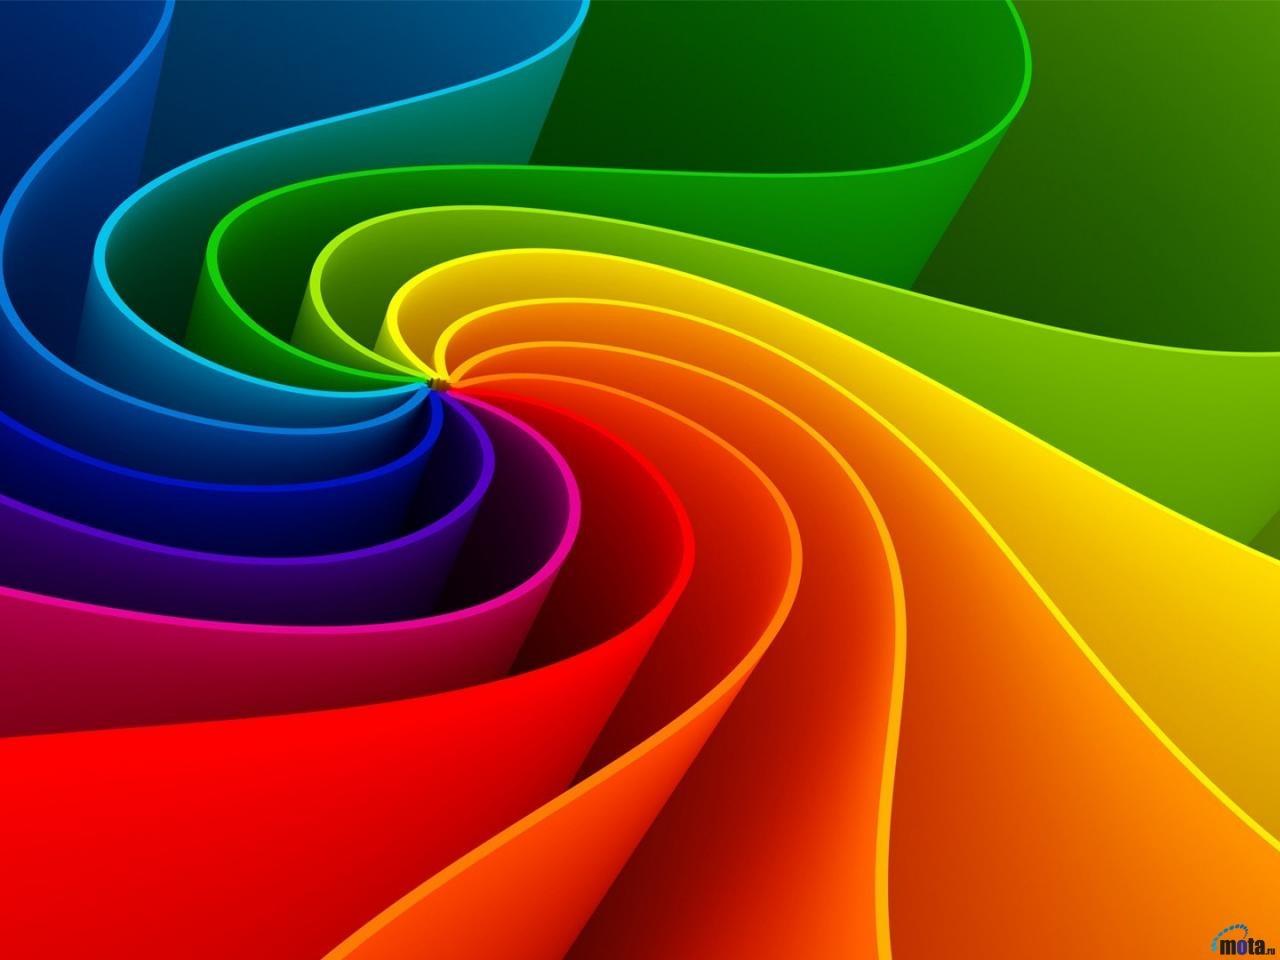 چطور رنگ درمانی بر وضعیت ذهنی ما تاثیر میگذارد؟